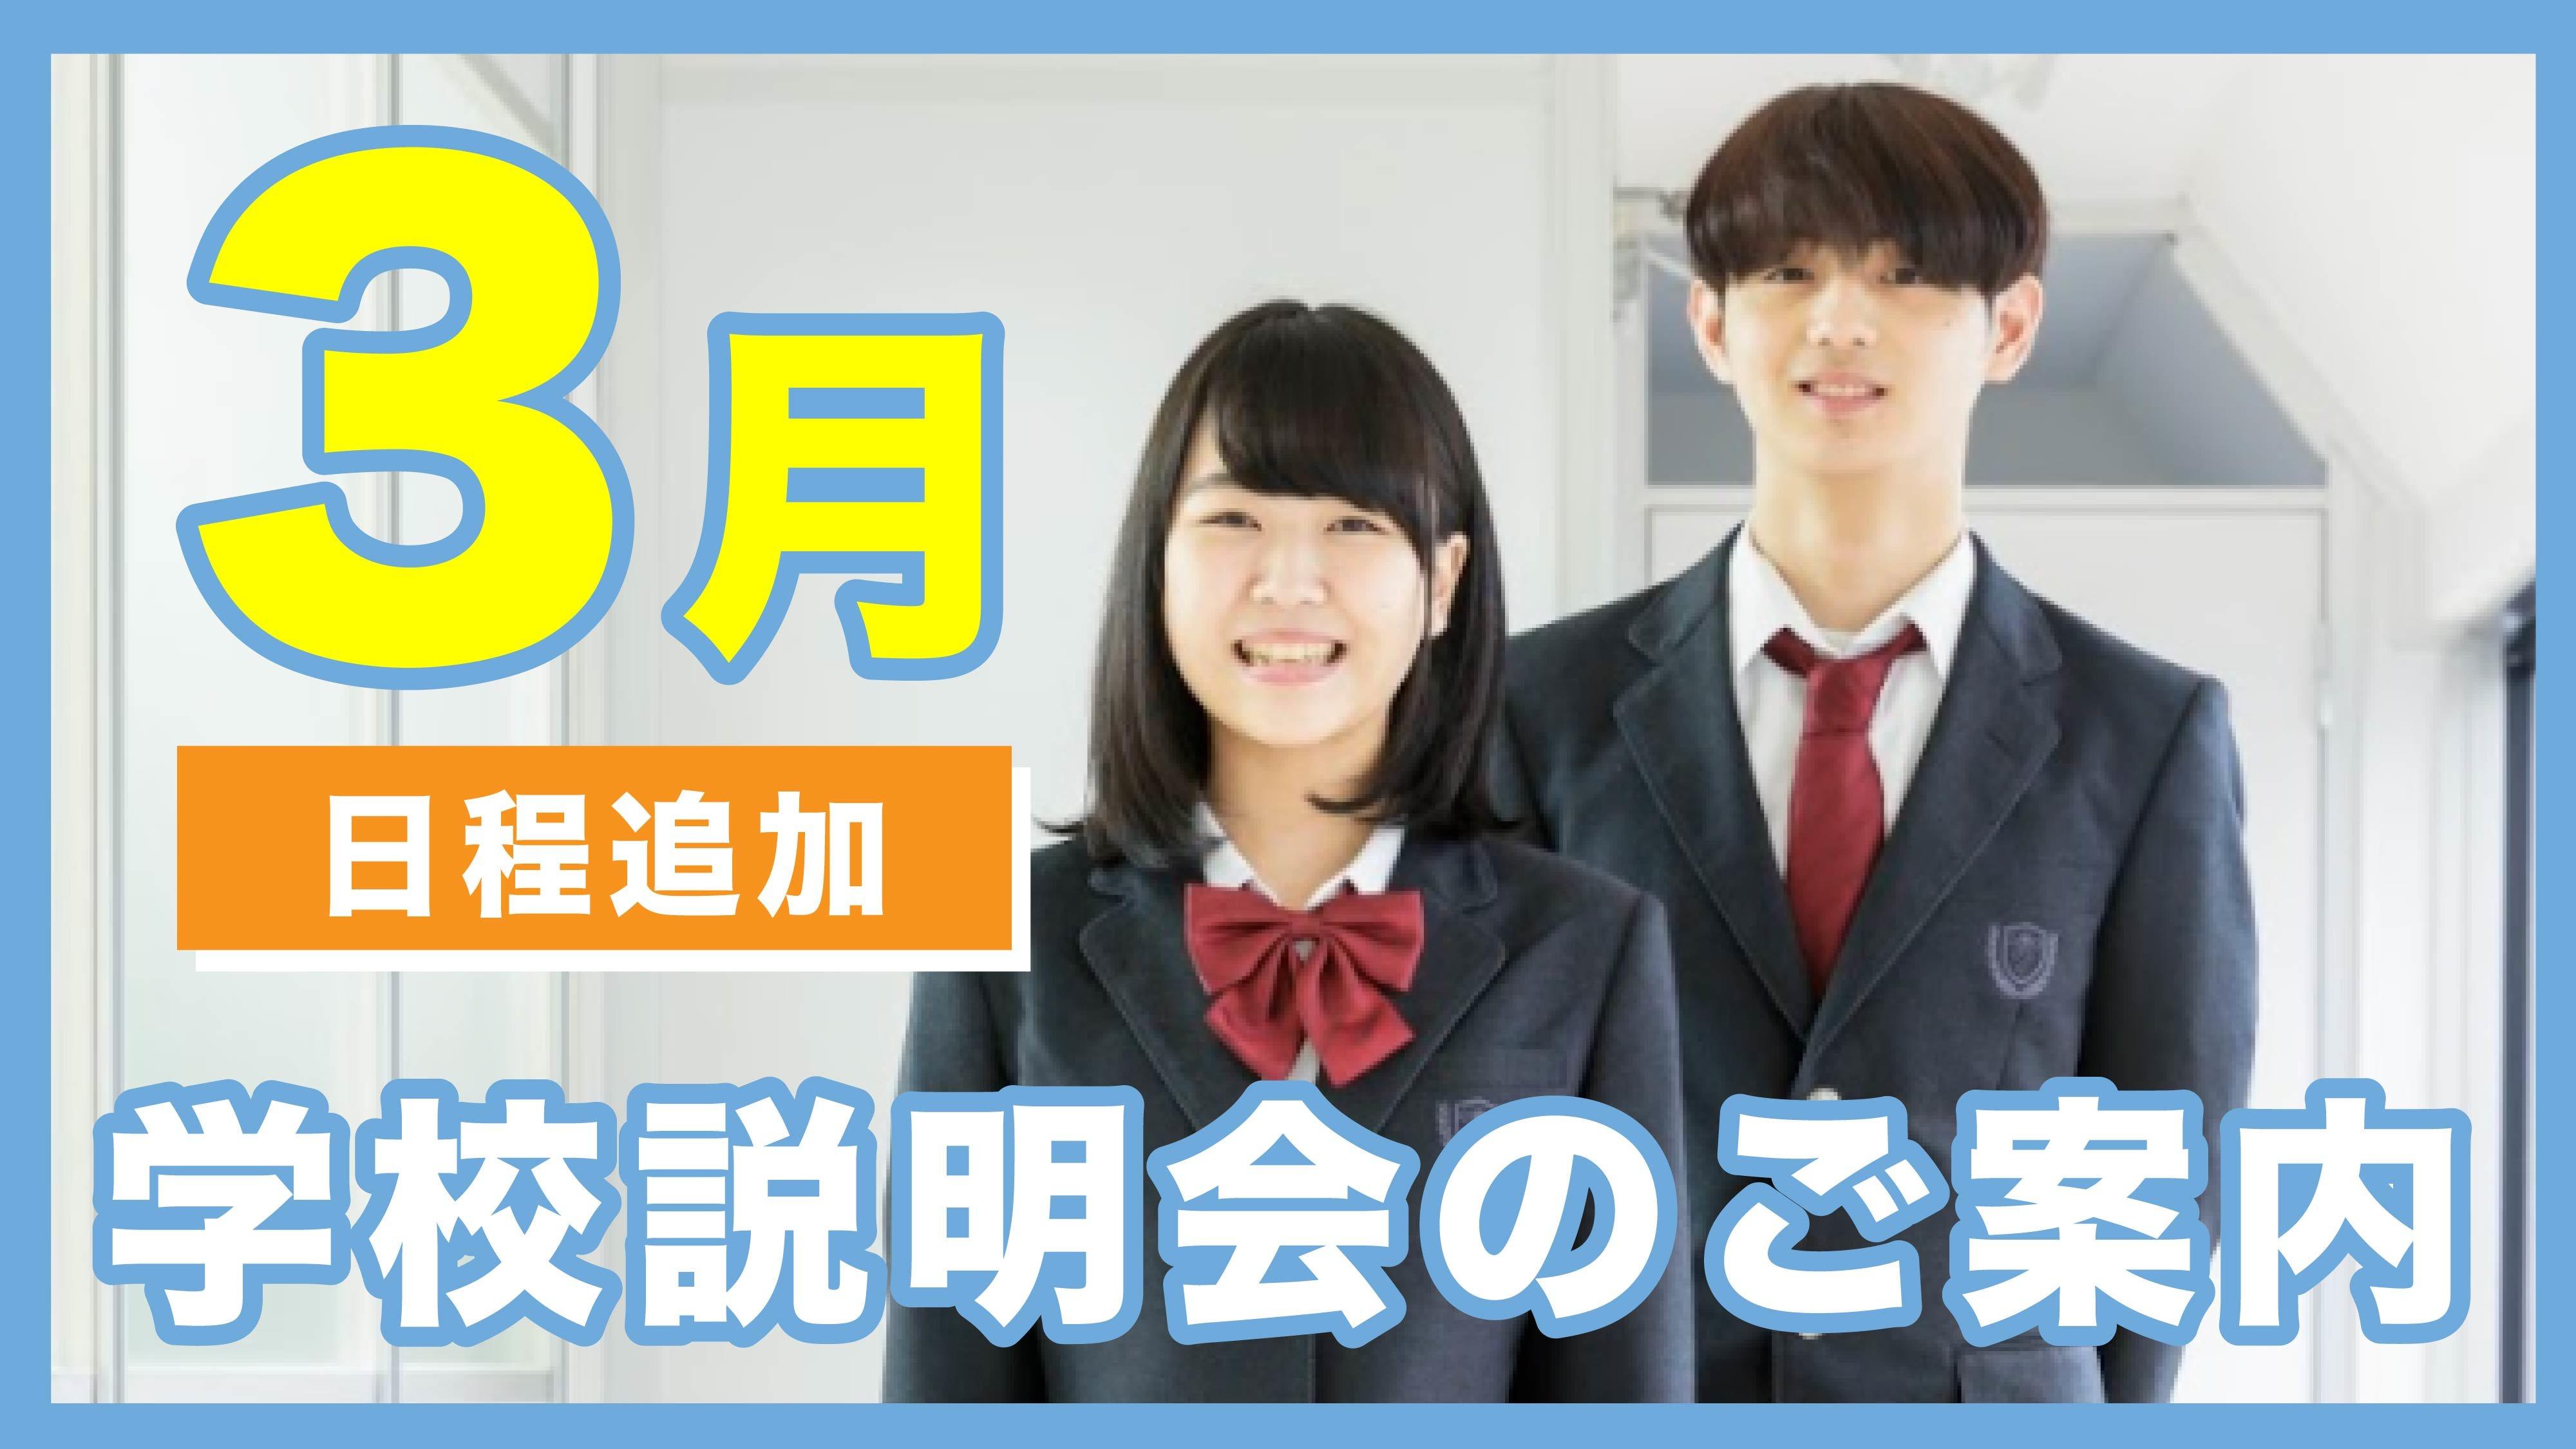 21_03学校説明会のご案内(追加)-07.jpg